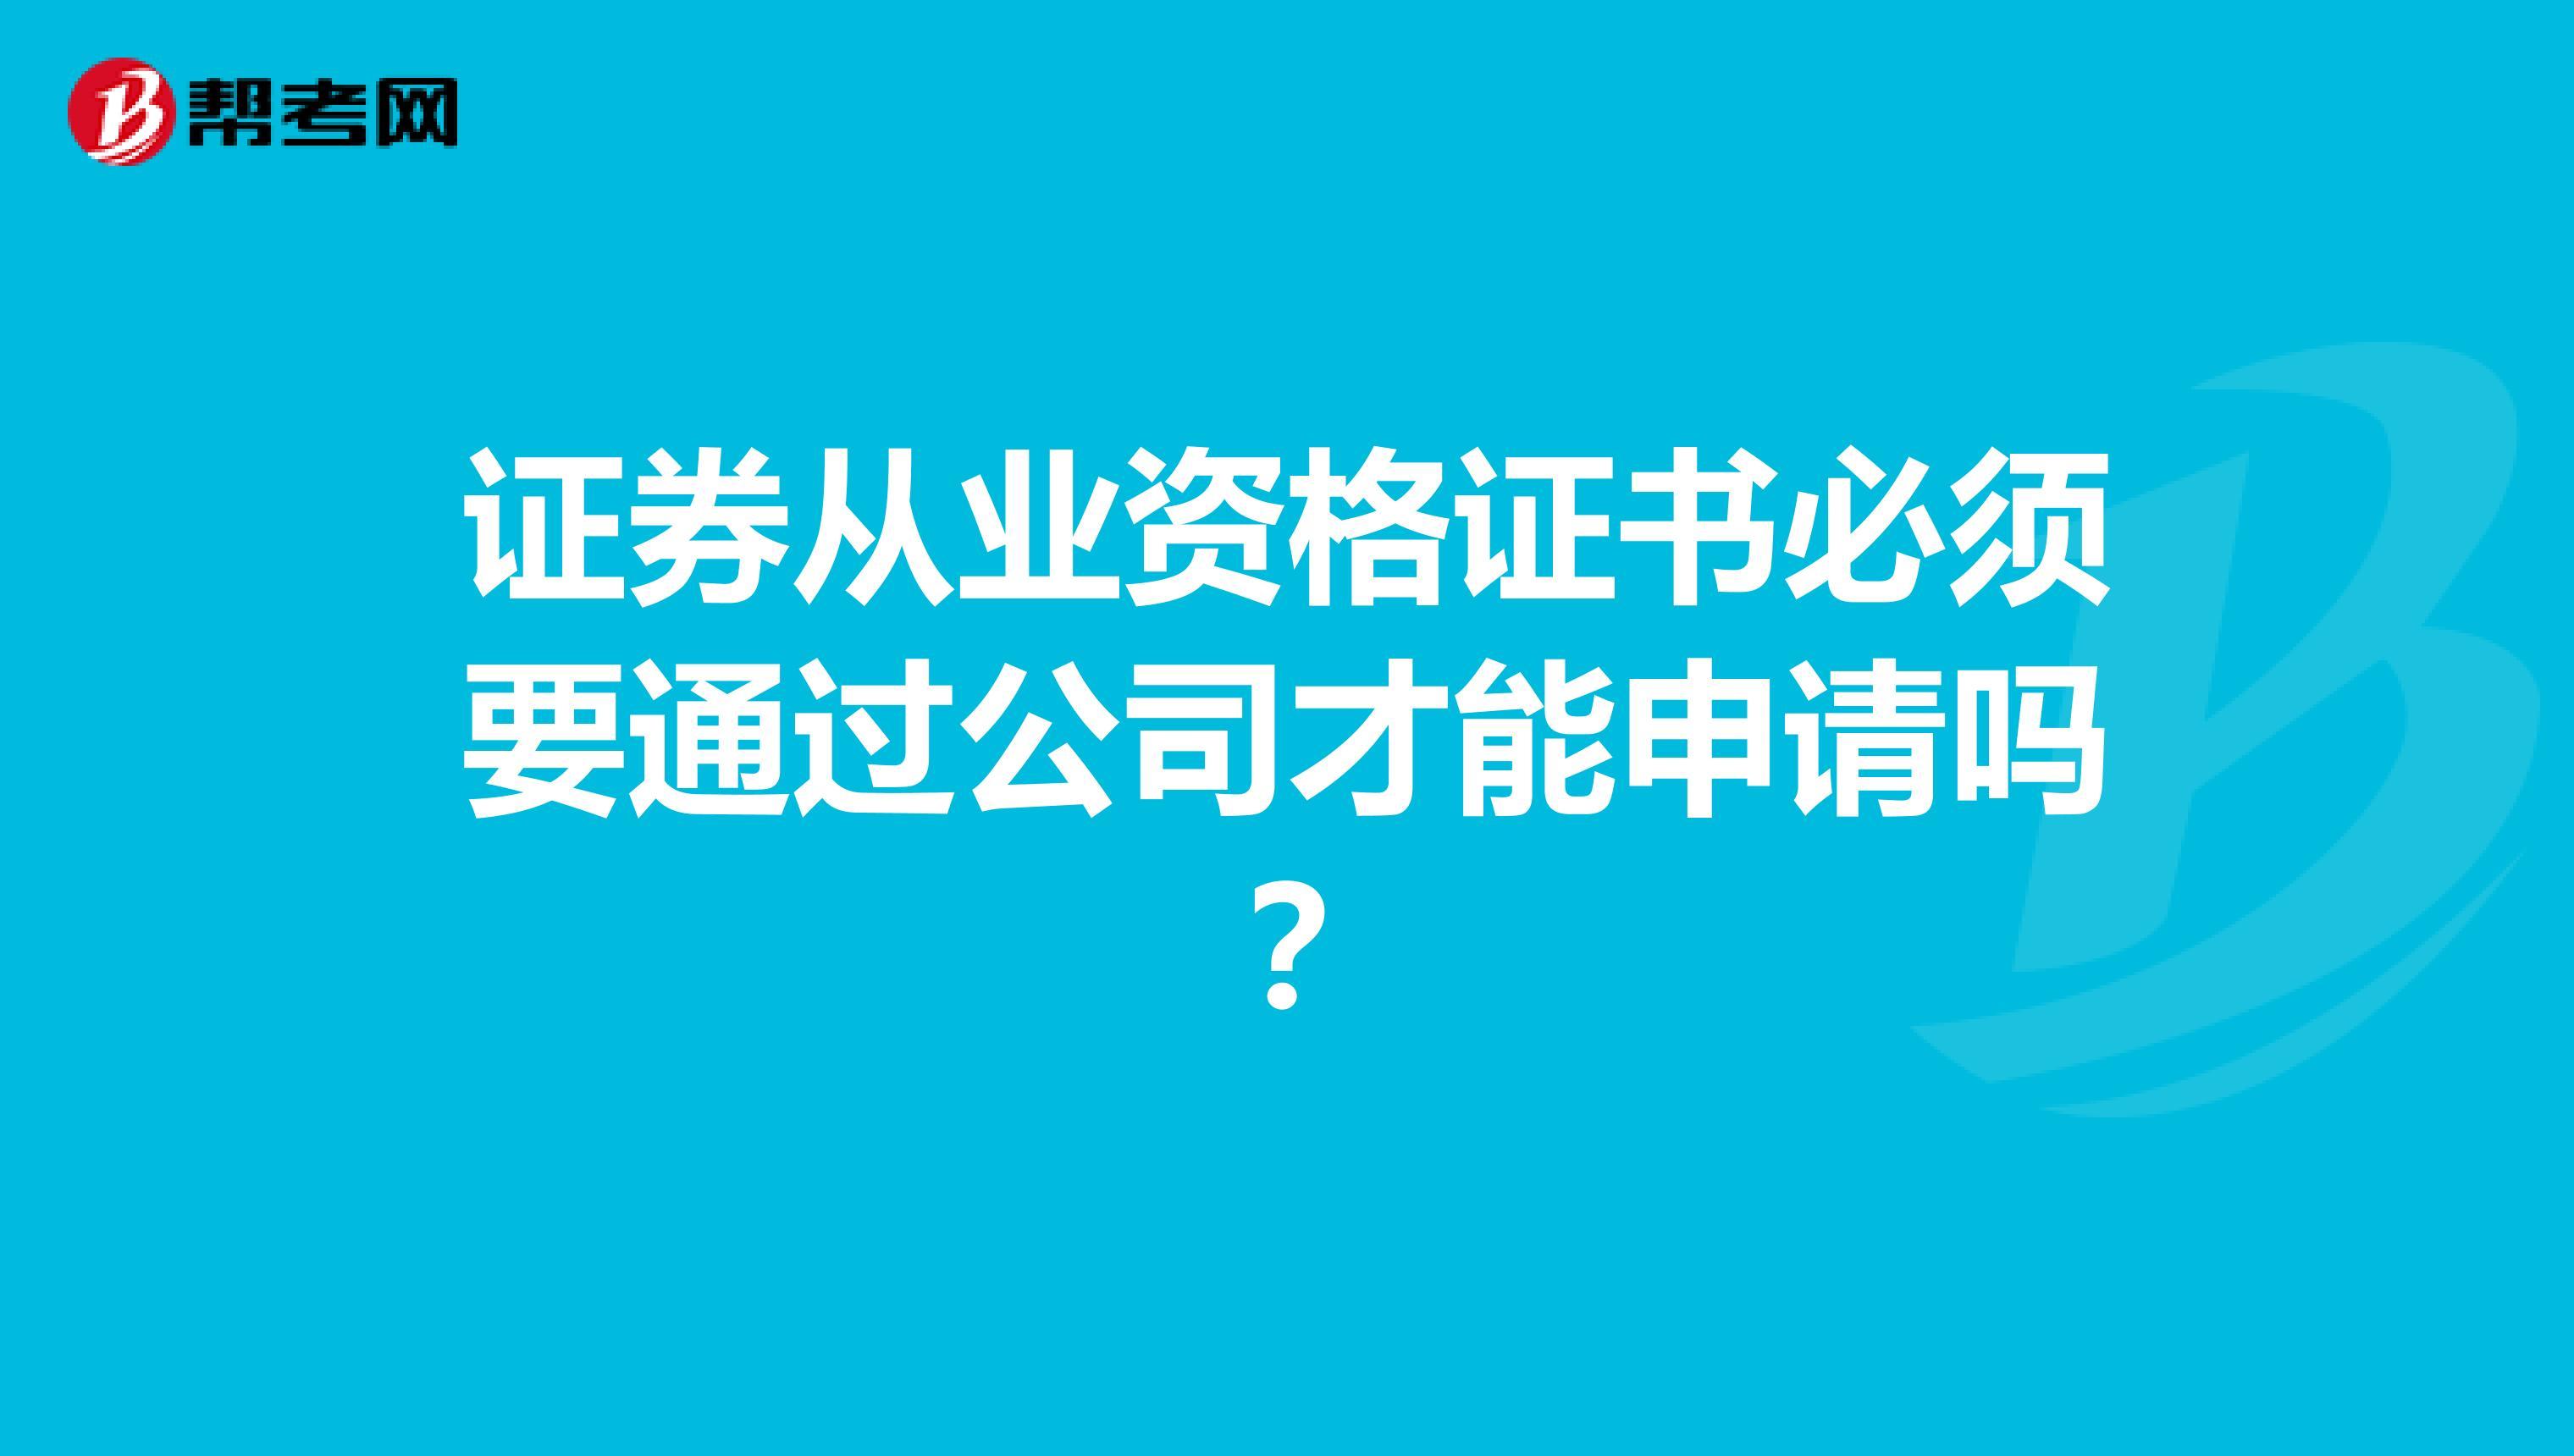 证券从业资格证书必须要通过公司才能申请吗?